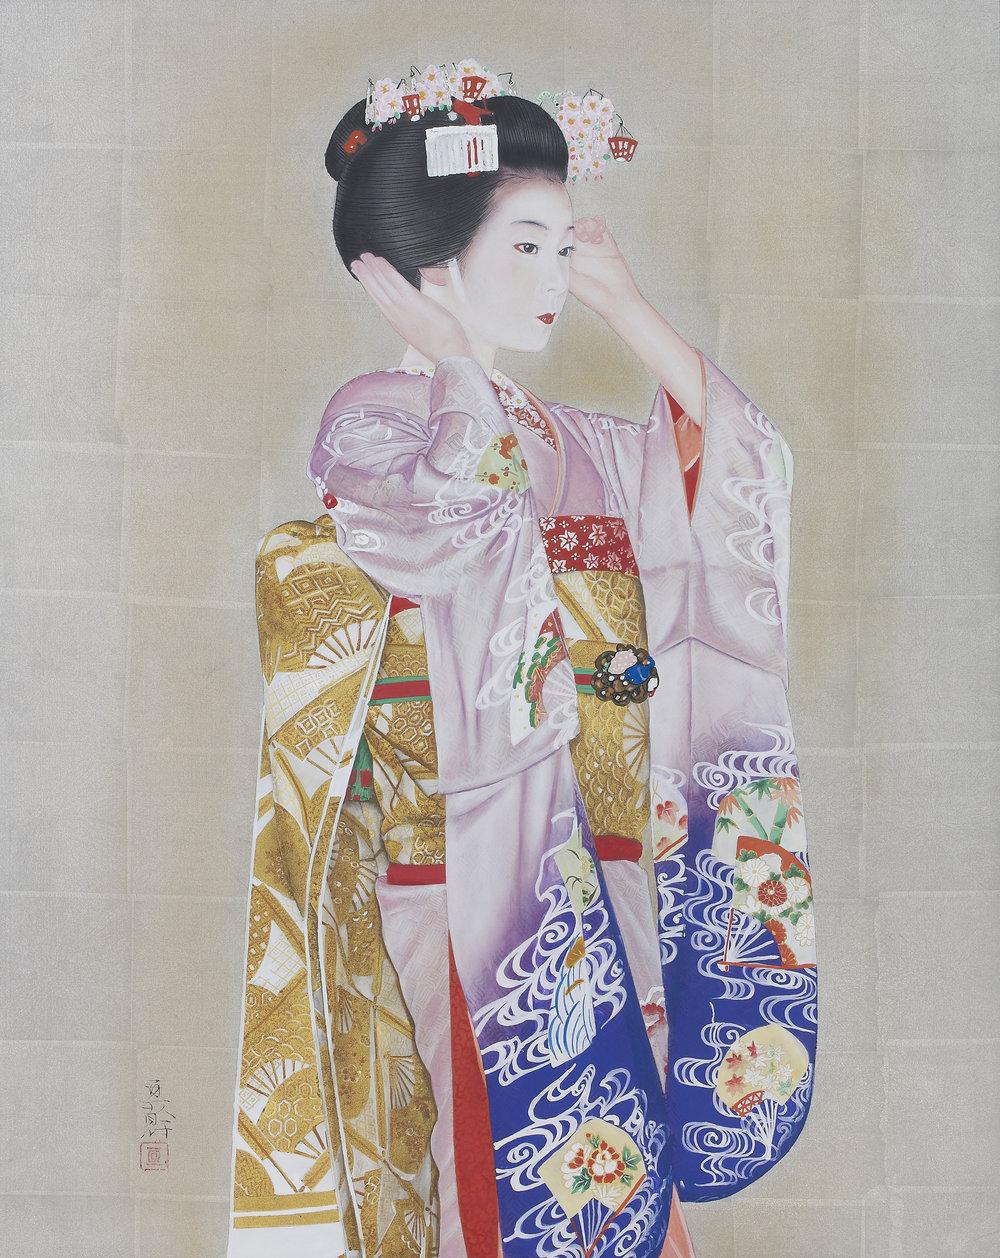 (Above) Nobuyoshi Aoyama ' A Crown of Sakura ' 2018